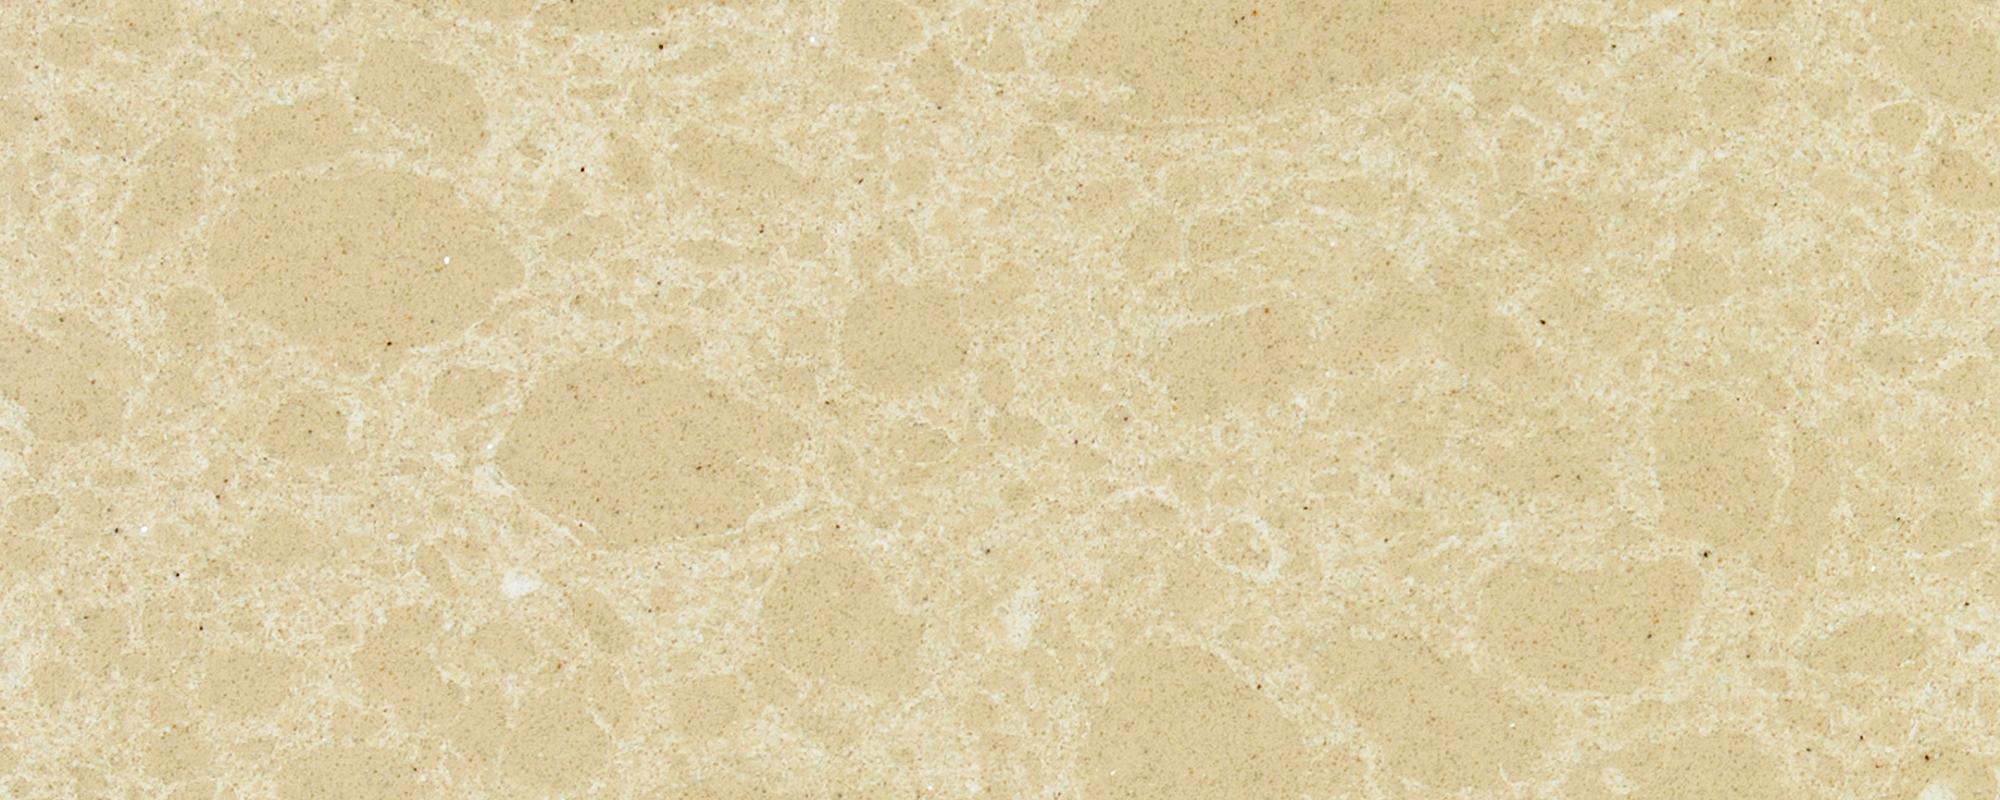 Colores de marmol affordable mrmol tecnolgico with for Marmol color gris